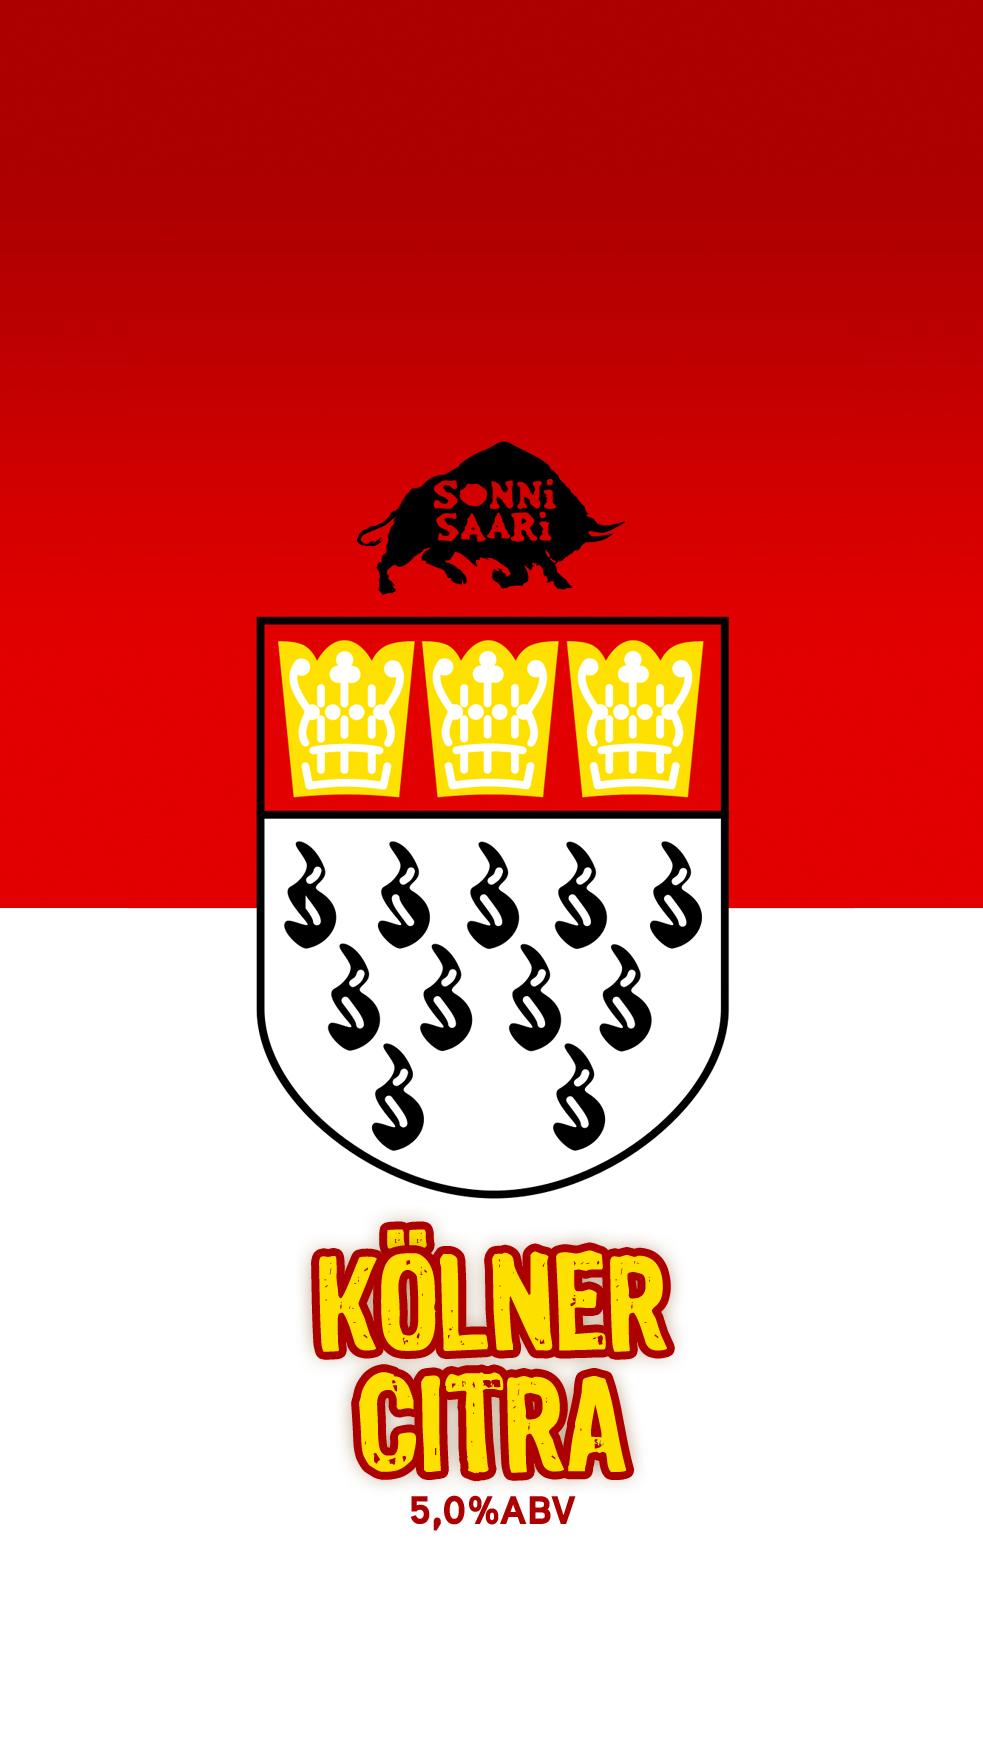 Kölner Citra